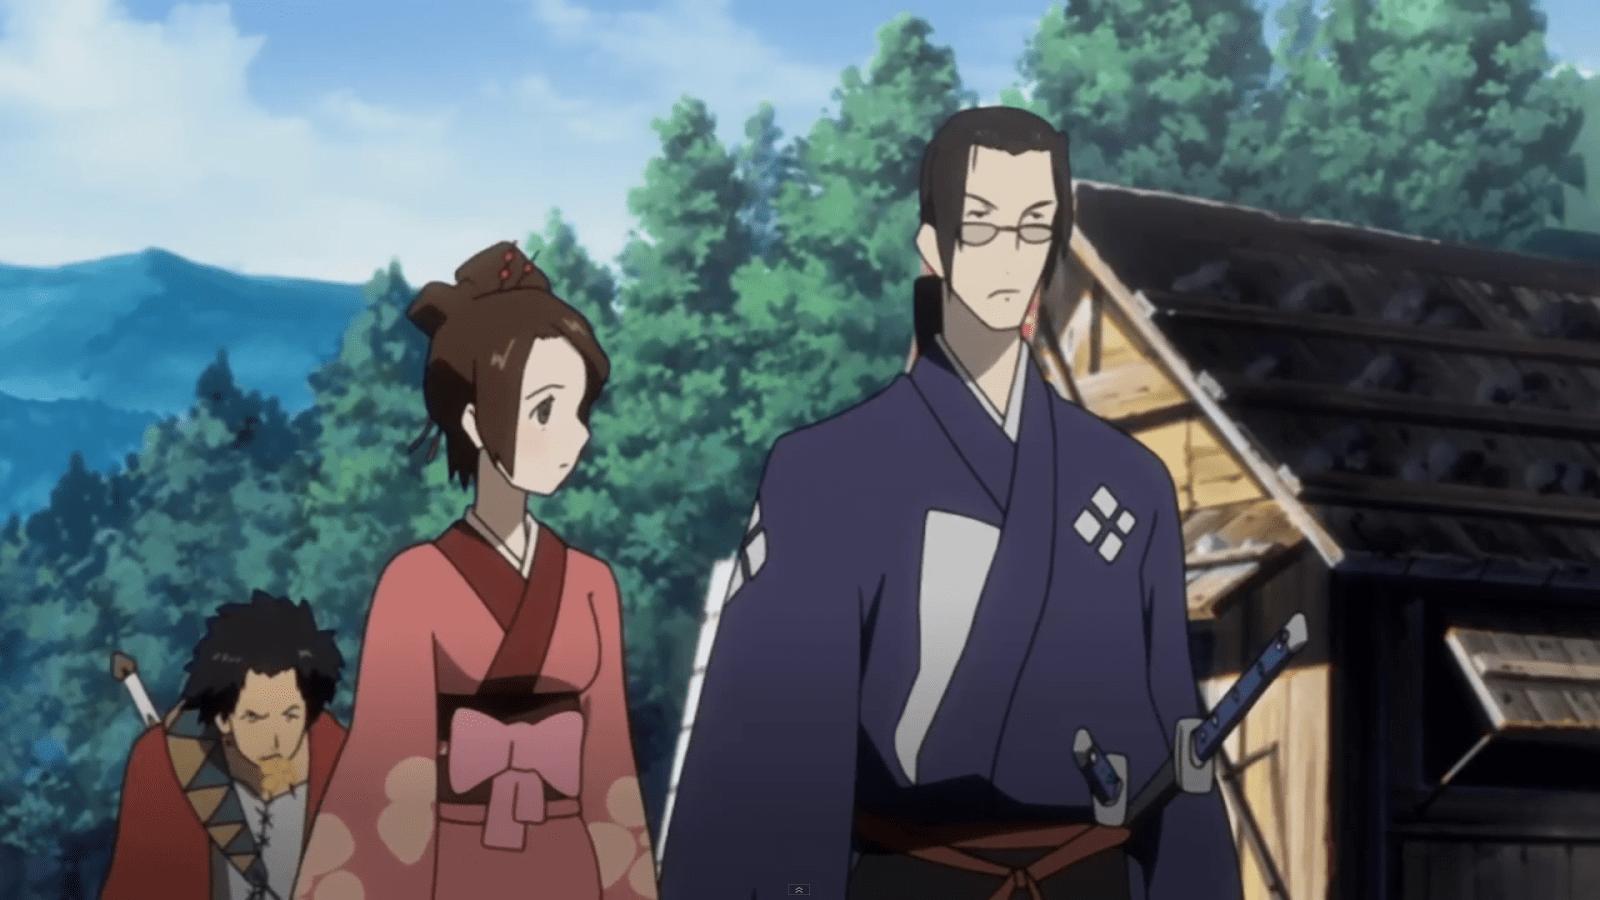 popular samurai anime, Samurai Champloo